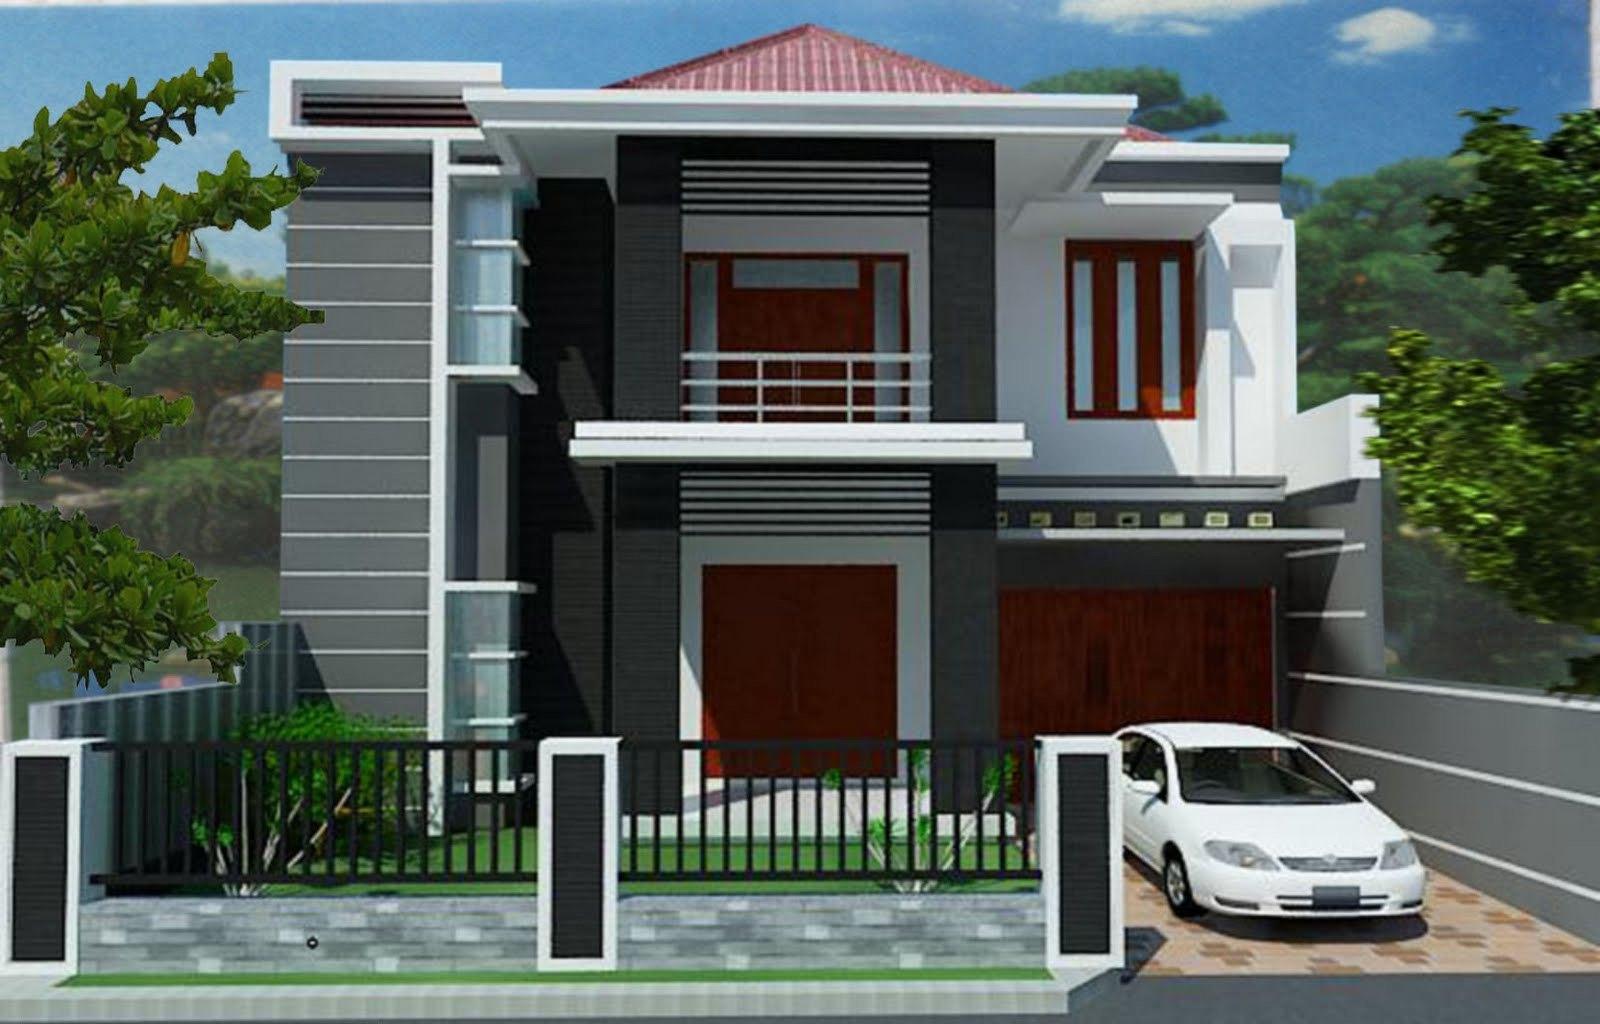 Estimasi Biaya Membangun Rumah Minimalis 2 Lantai Desain Rumah Minimalis